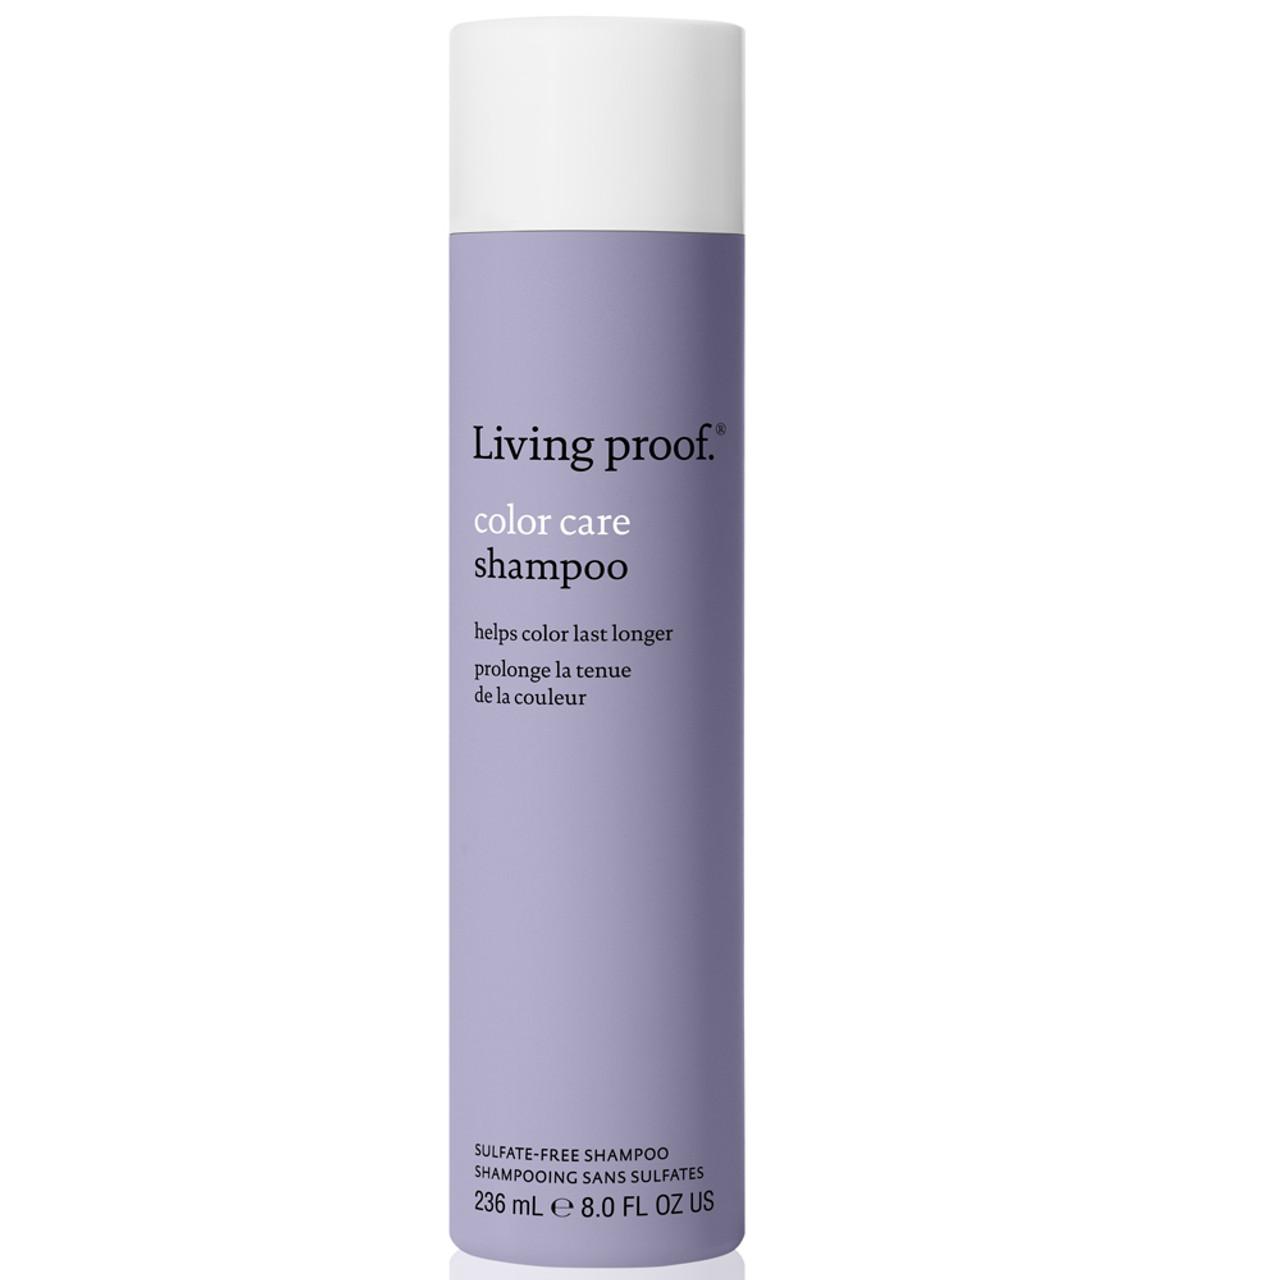 Living Proof Color Care Shampoo BeautifiedYou.com